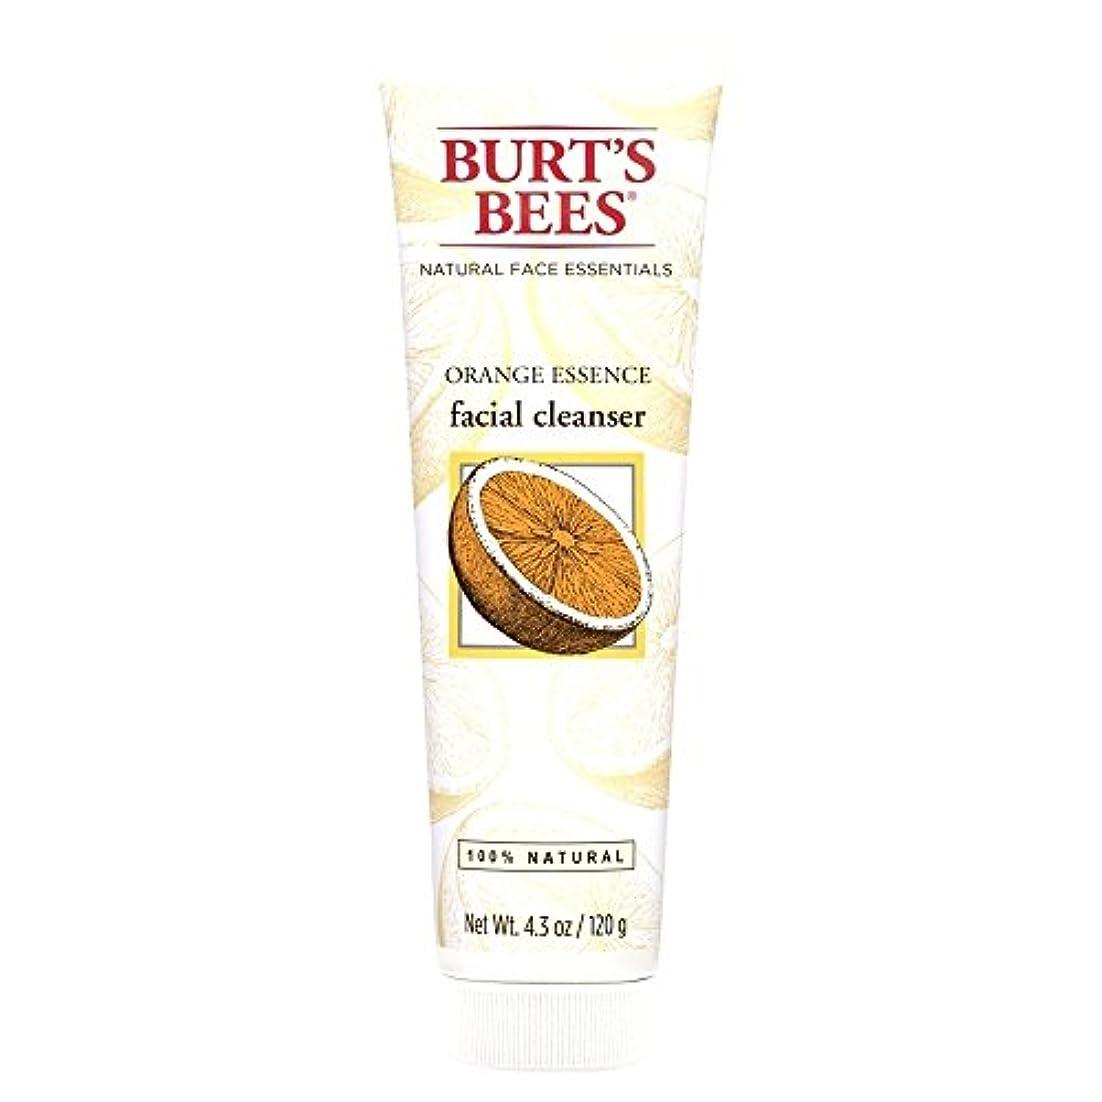 顕著アーティキュレーションフレームワークバーツビーオレンジエッセンス洗顔料、125グラム (Burt's Bees) (x2) - Burt's Bees Orange Essence Facial Cleanser, 125g (Pack of 2) [並行輸入品]